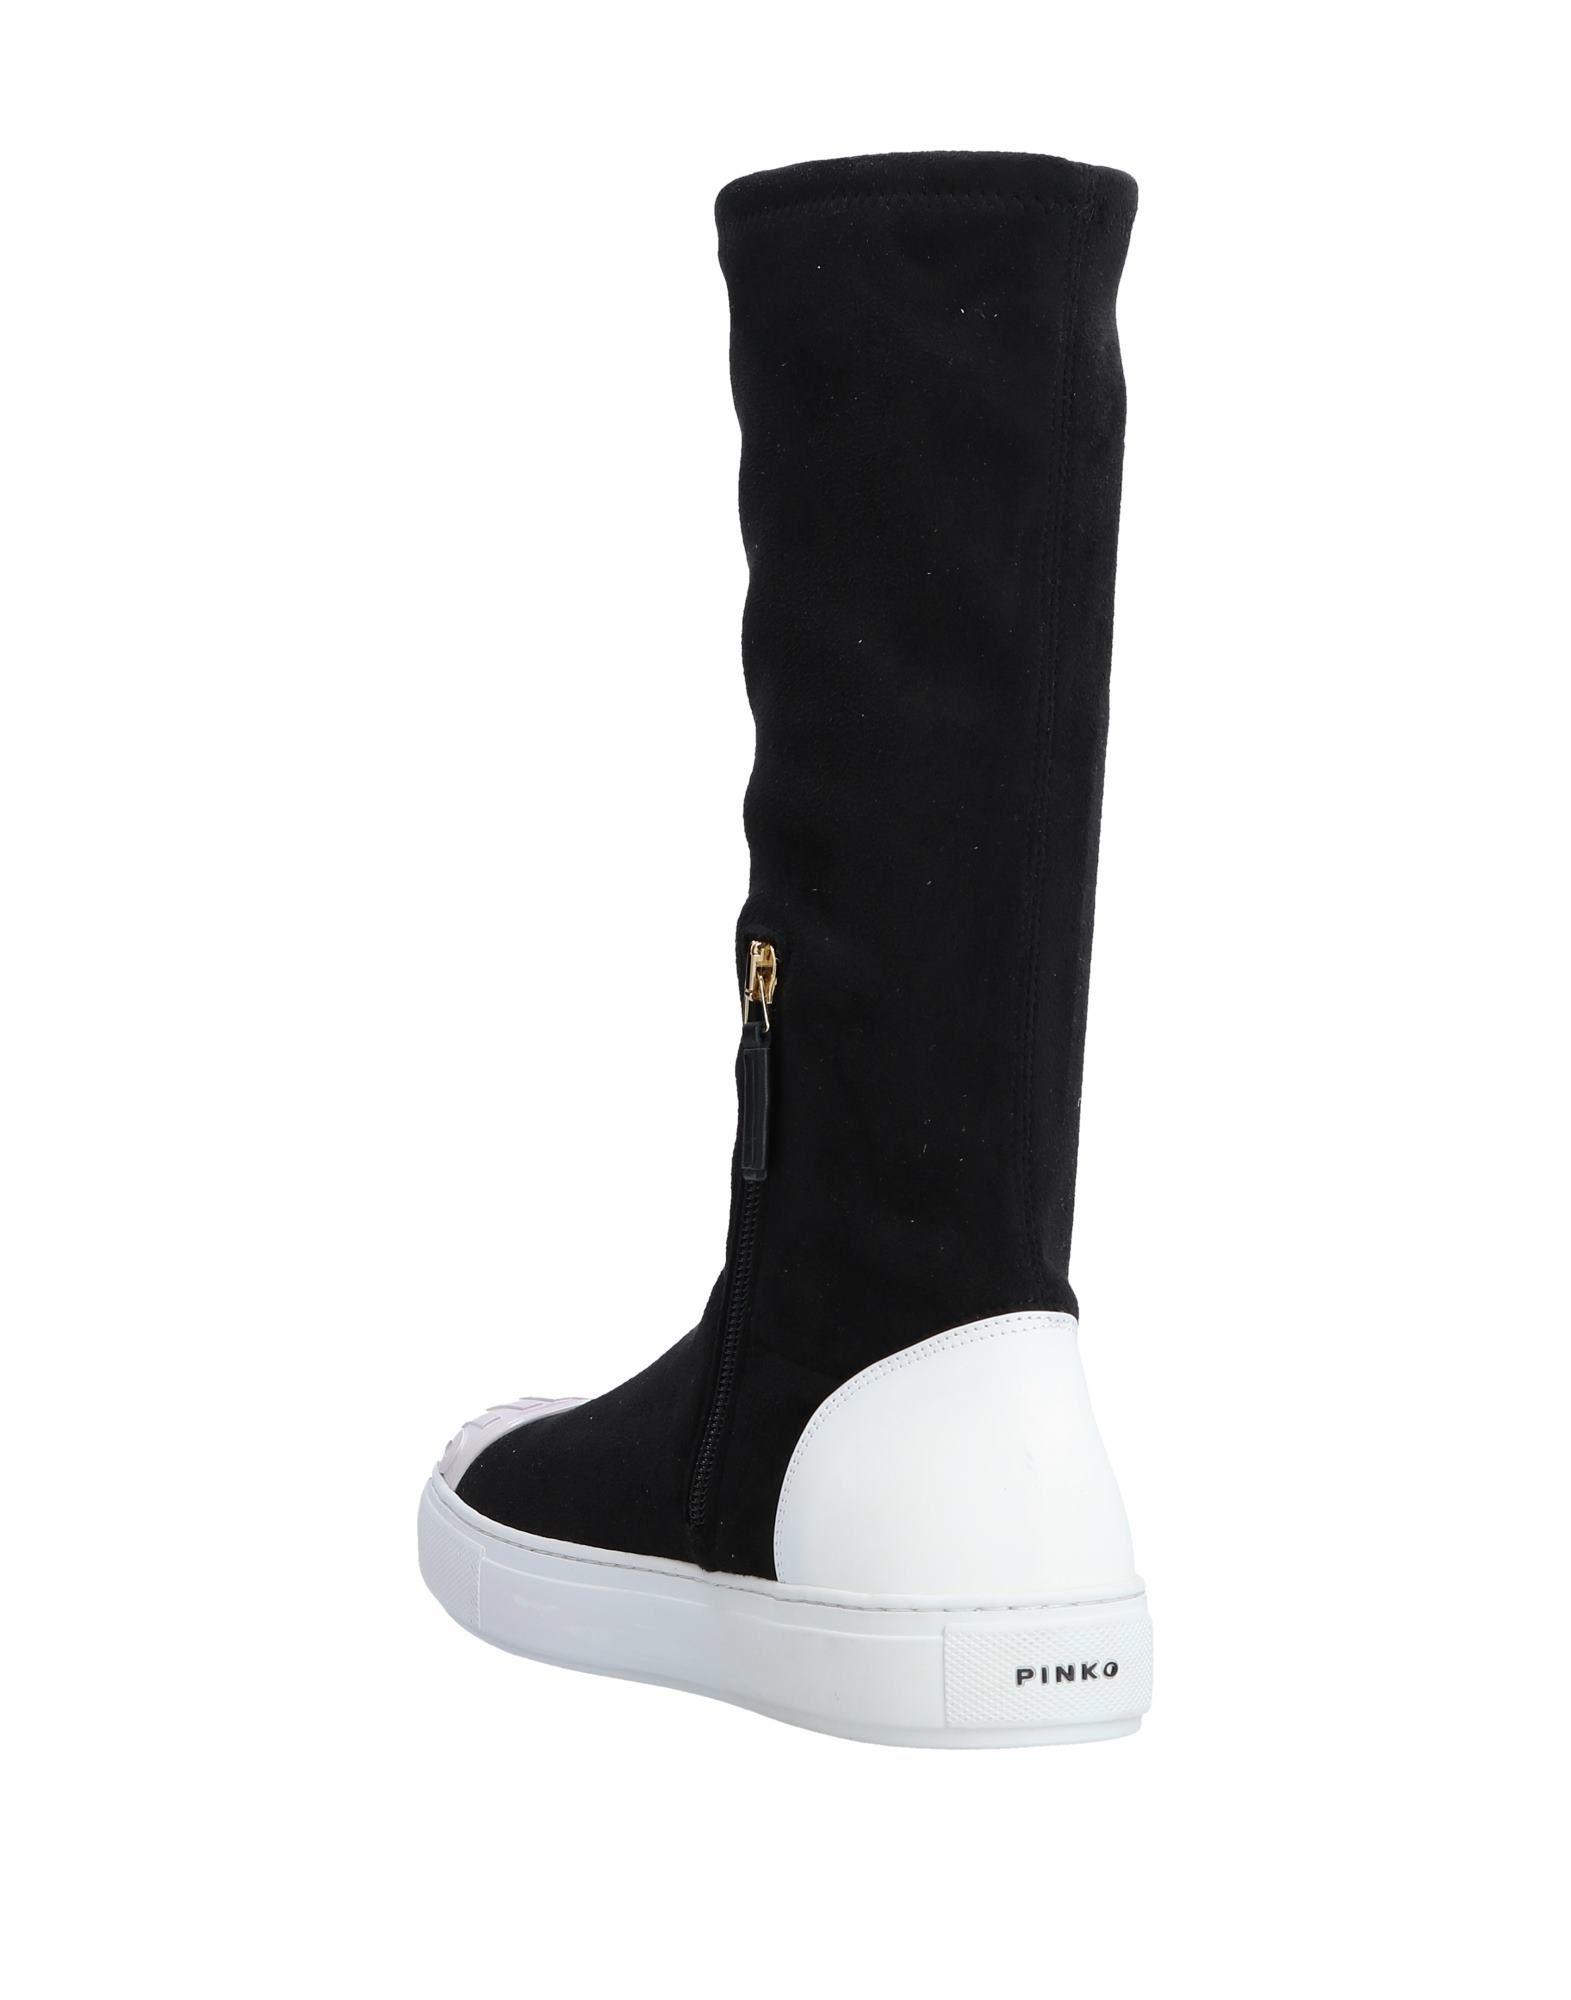 Pinko  Stiefel Damen  Pinko 11422416AT Heiße Schuhe 28163d